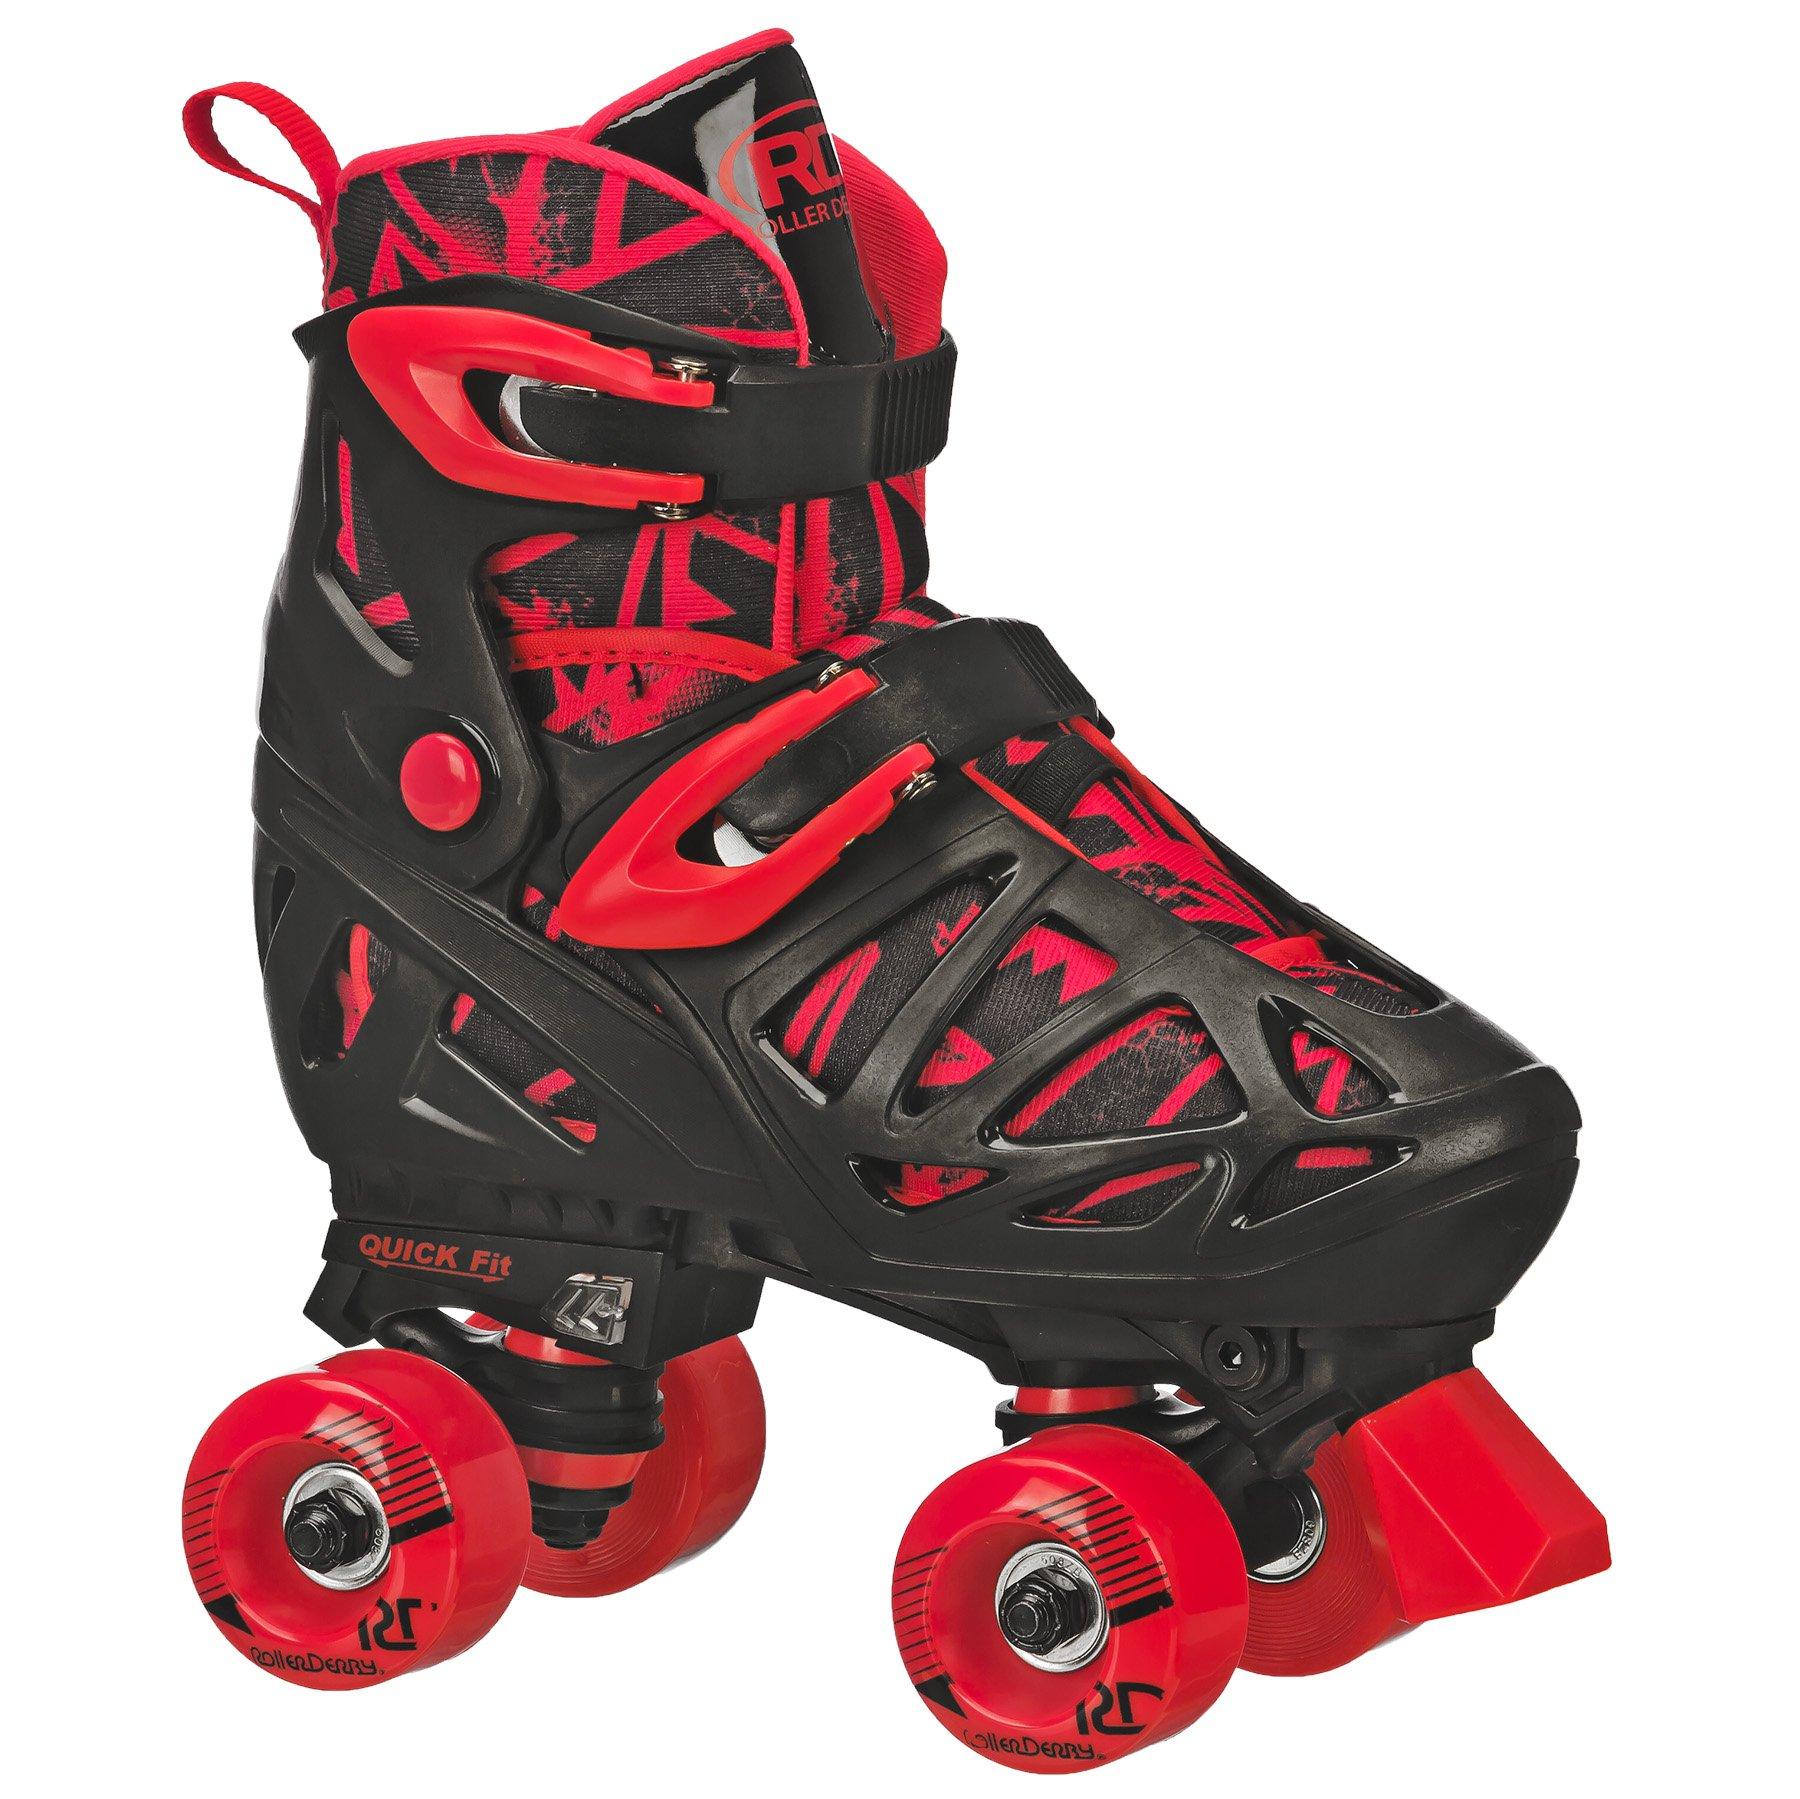 Roller Derby Trac Star Boy's Adjustable Roller Skate, Grey/Black/Red, Large (3-6) by Roller Derby (Image #1)